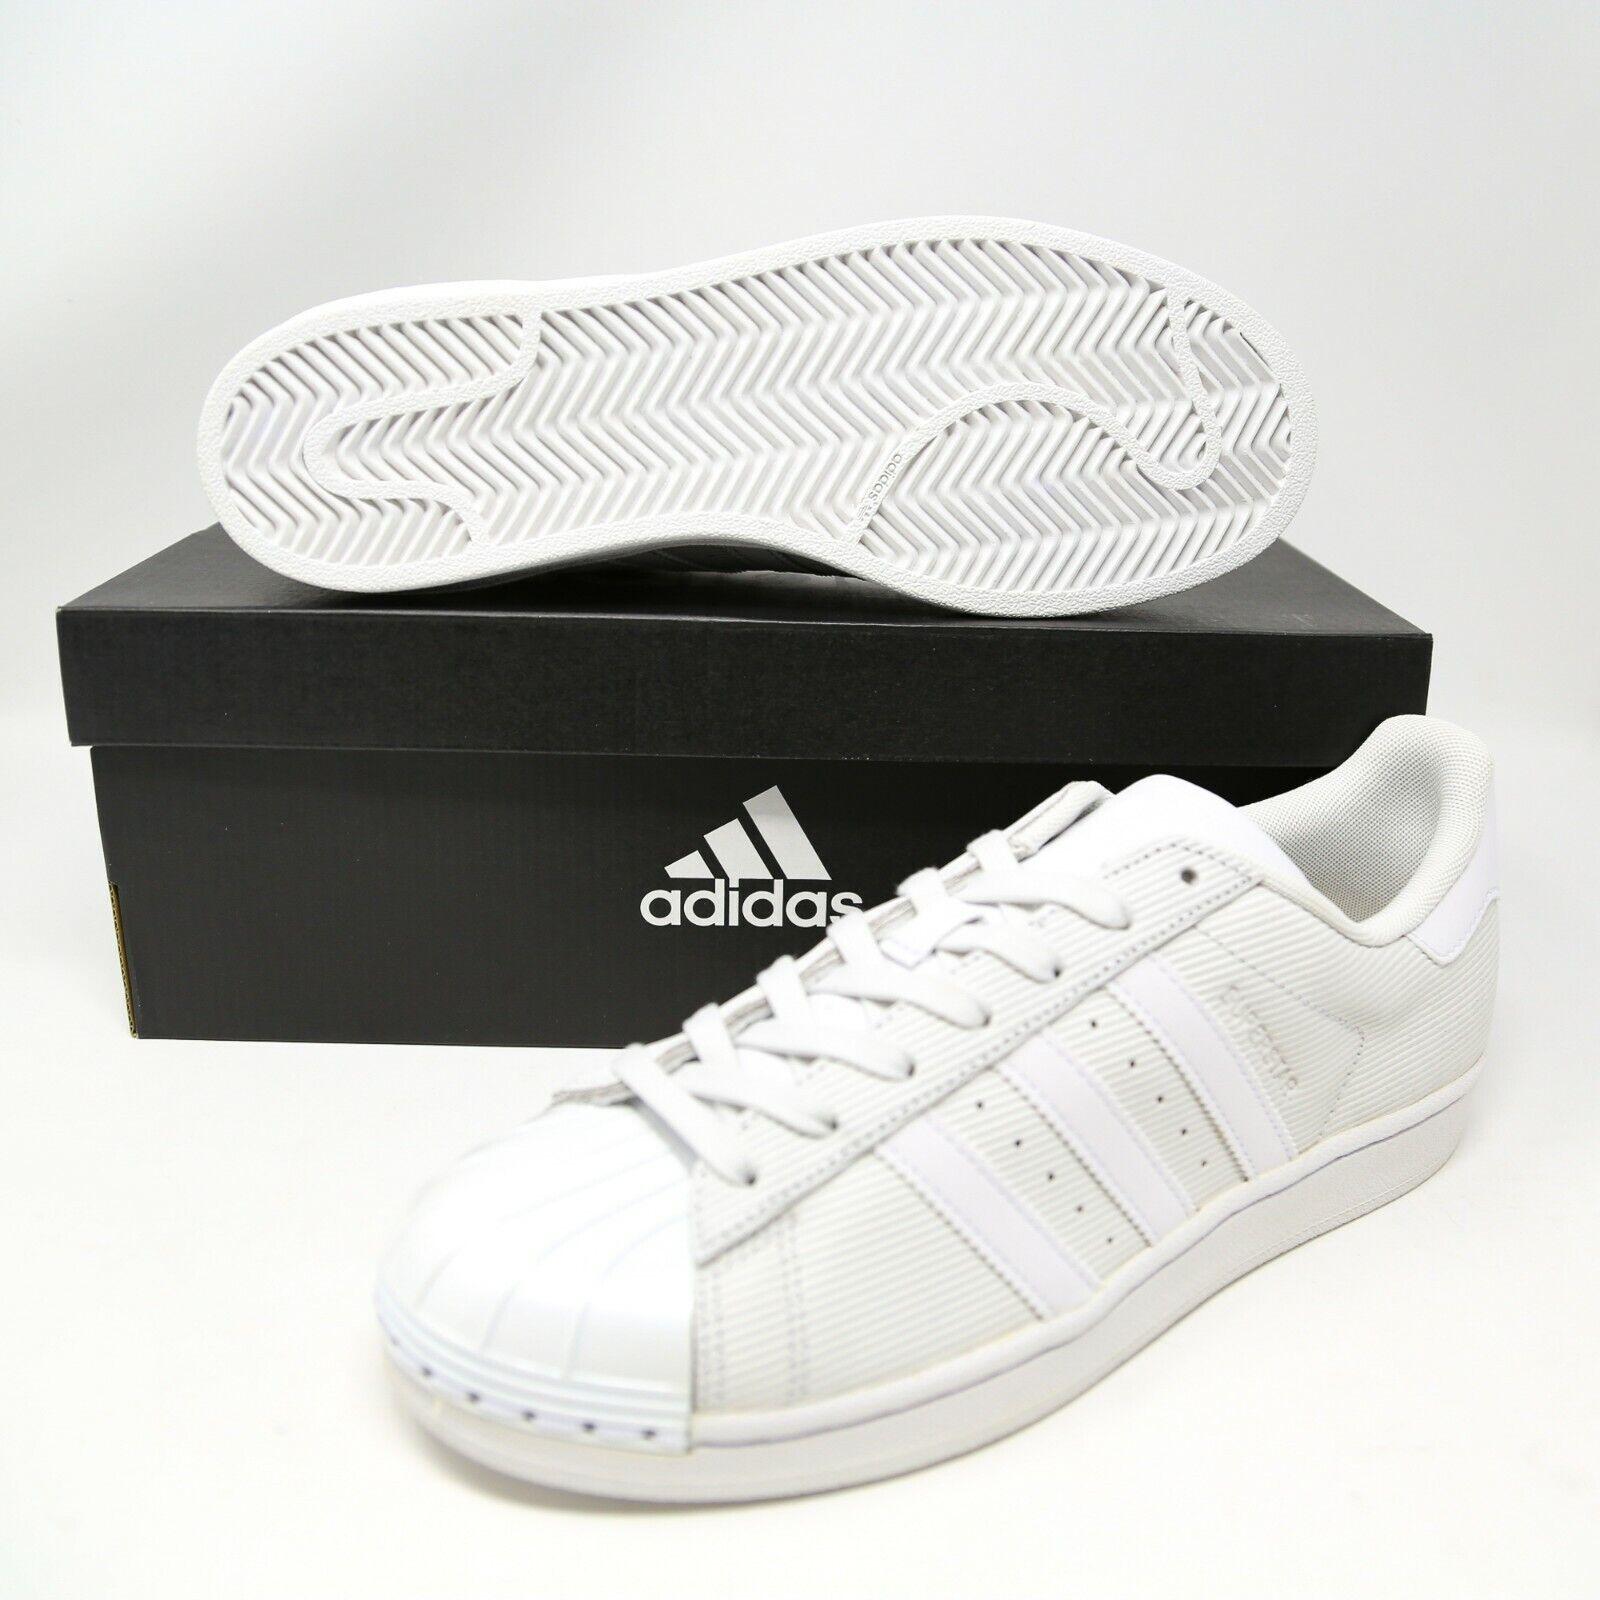 Adidas Superstar Gehäuse Zehen BY3174 Wolken Weiß Grau New York City Nyc